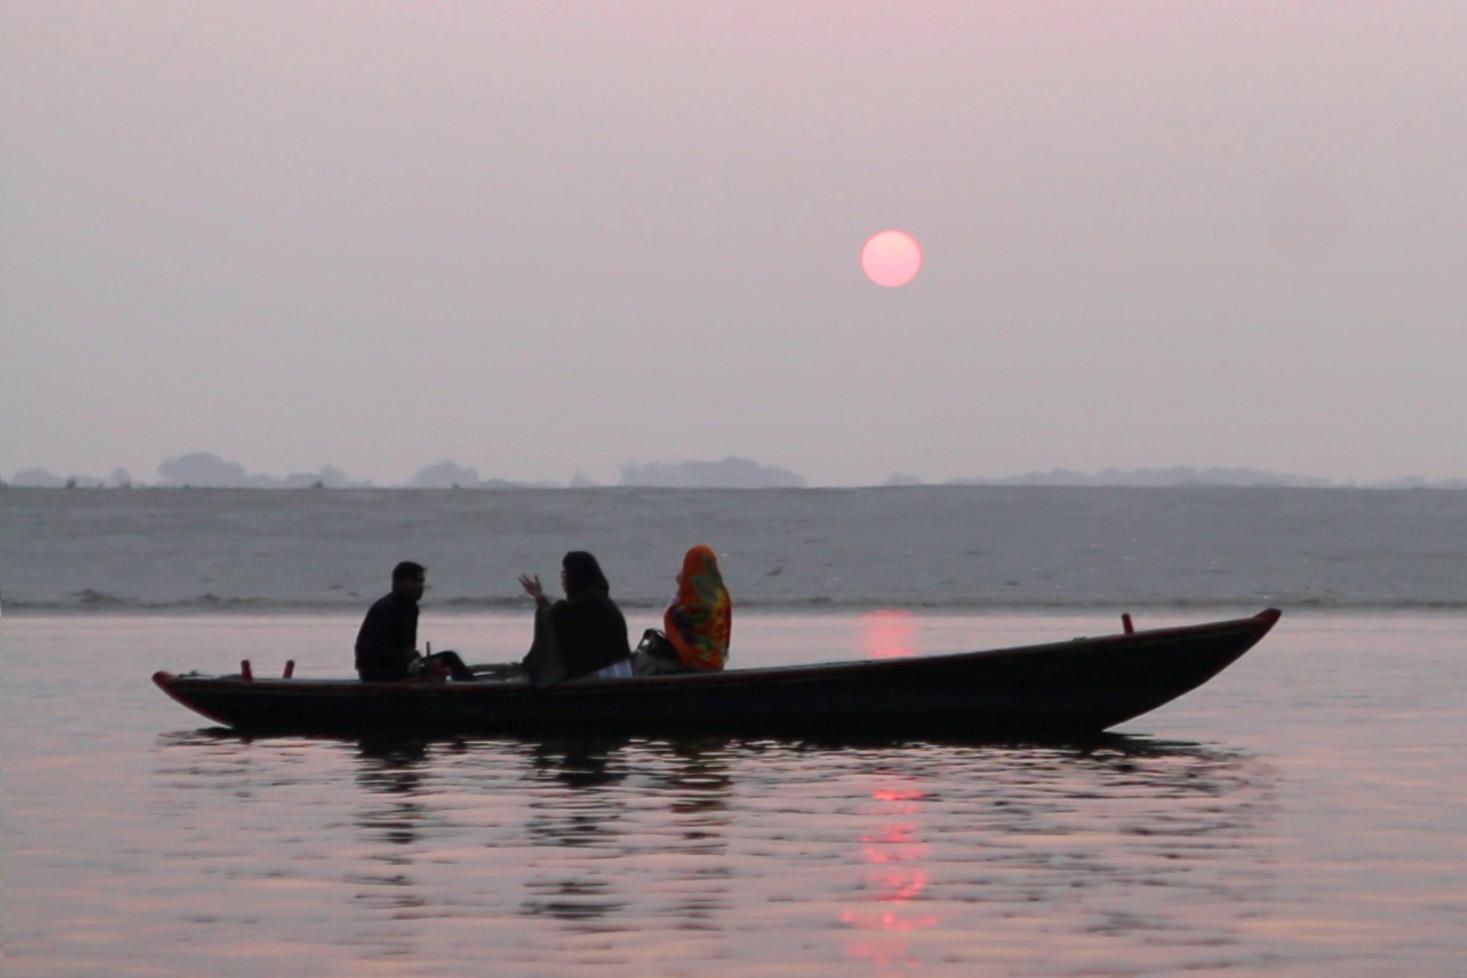 15 November, 2012 - Ganga, Varanasi